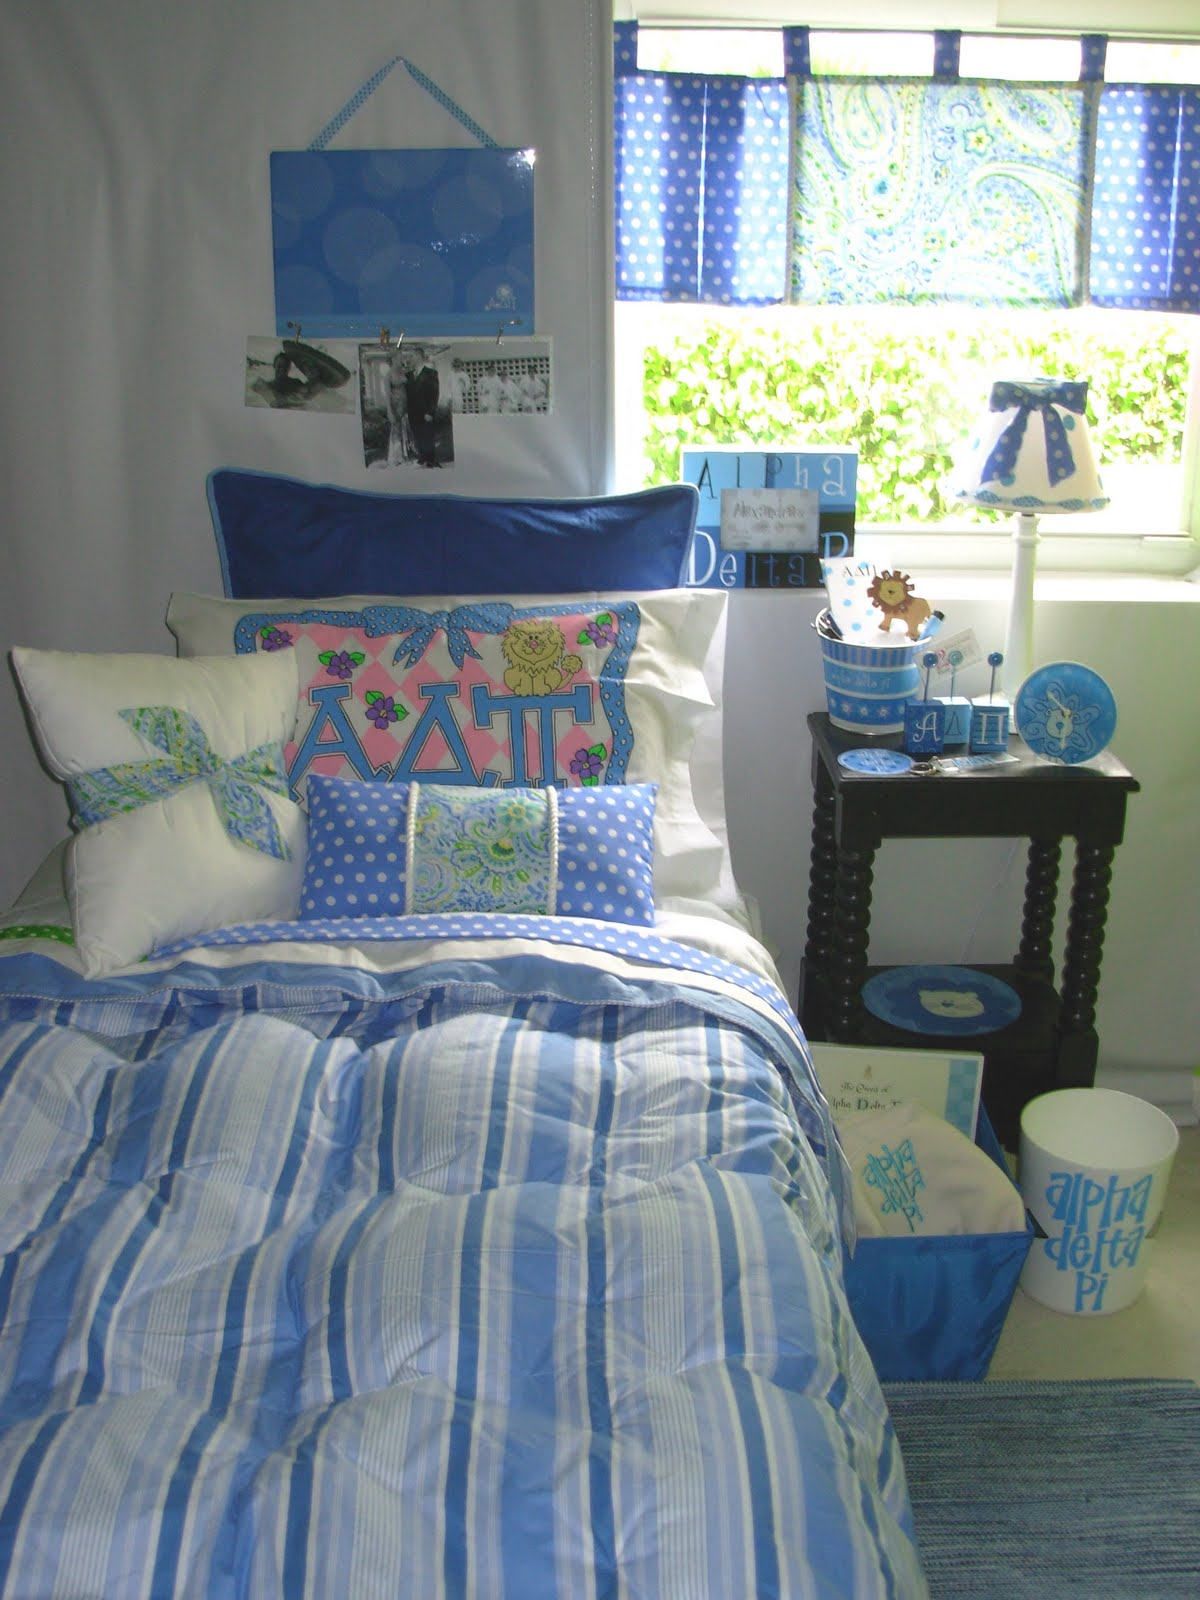 Decorating Room Ideas: Decor 2 Ur Door: Alpha Delta Pi Sorority Dorm Bedding And